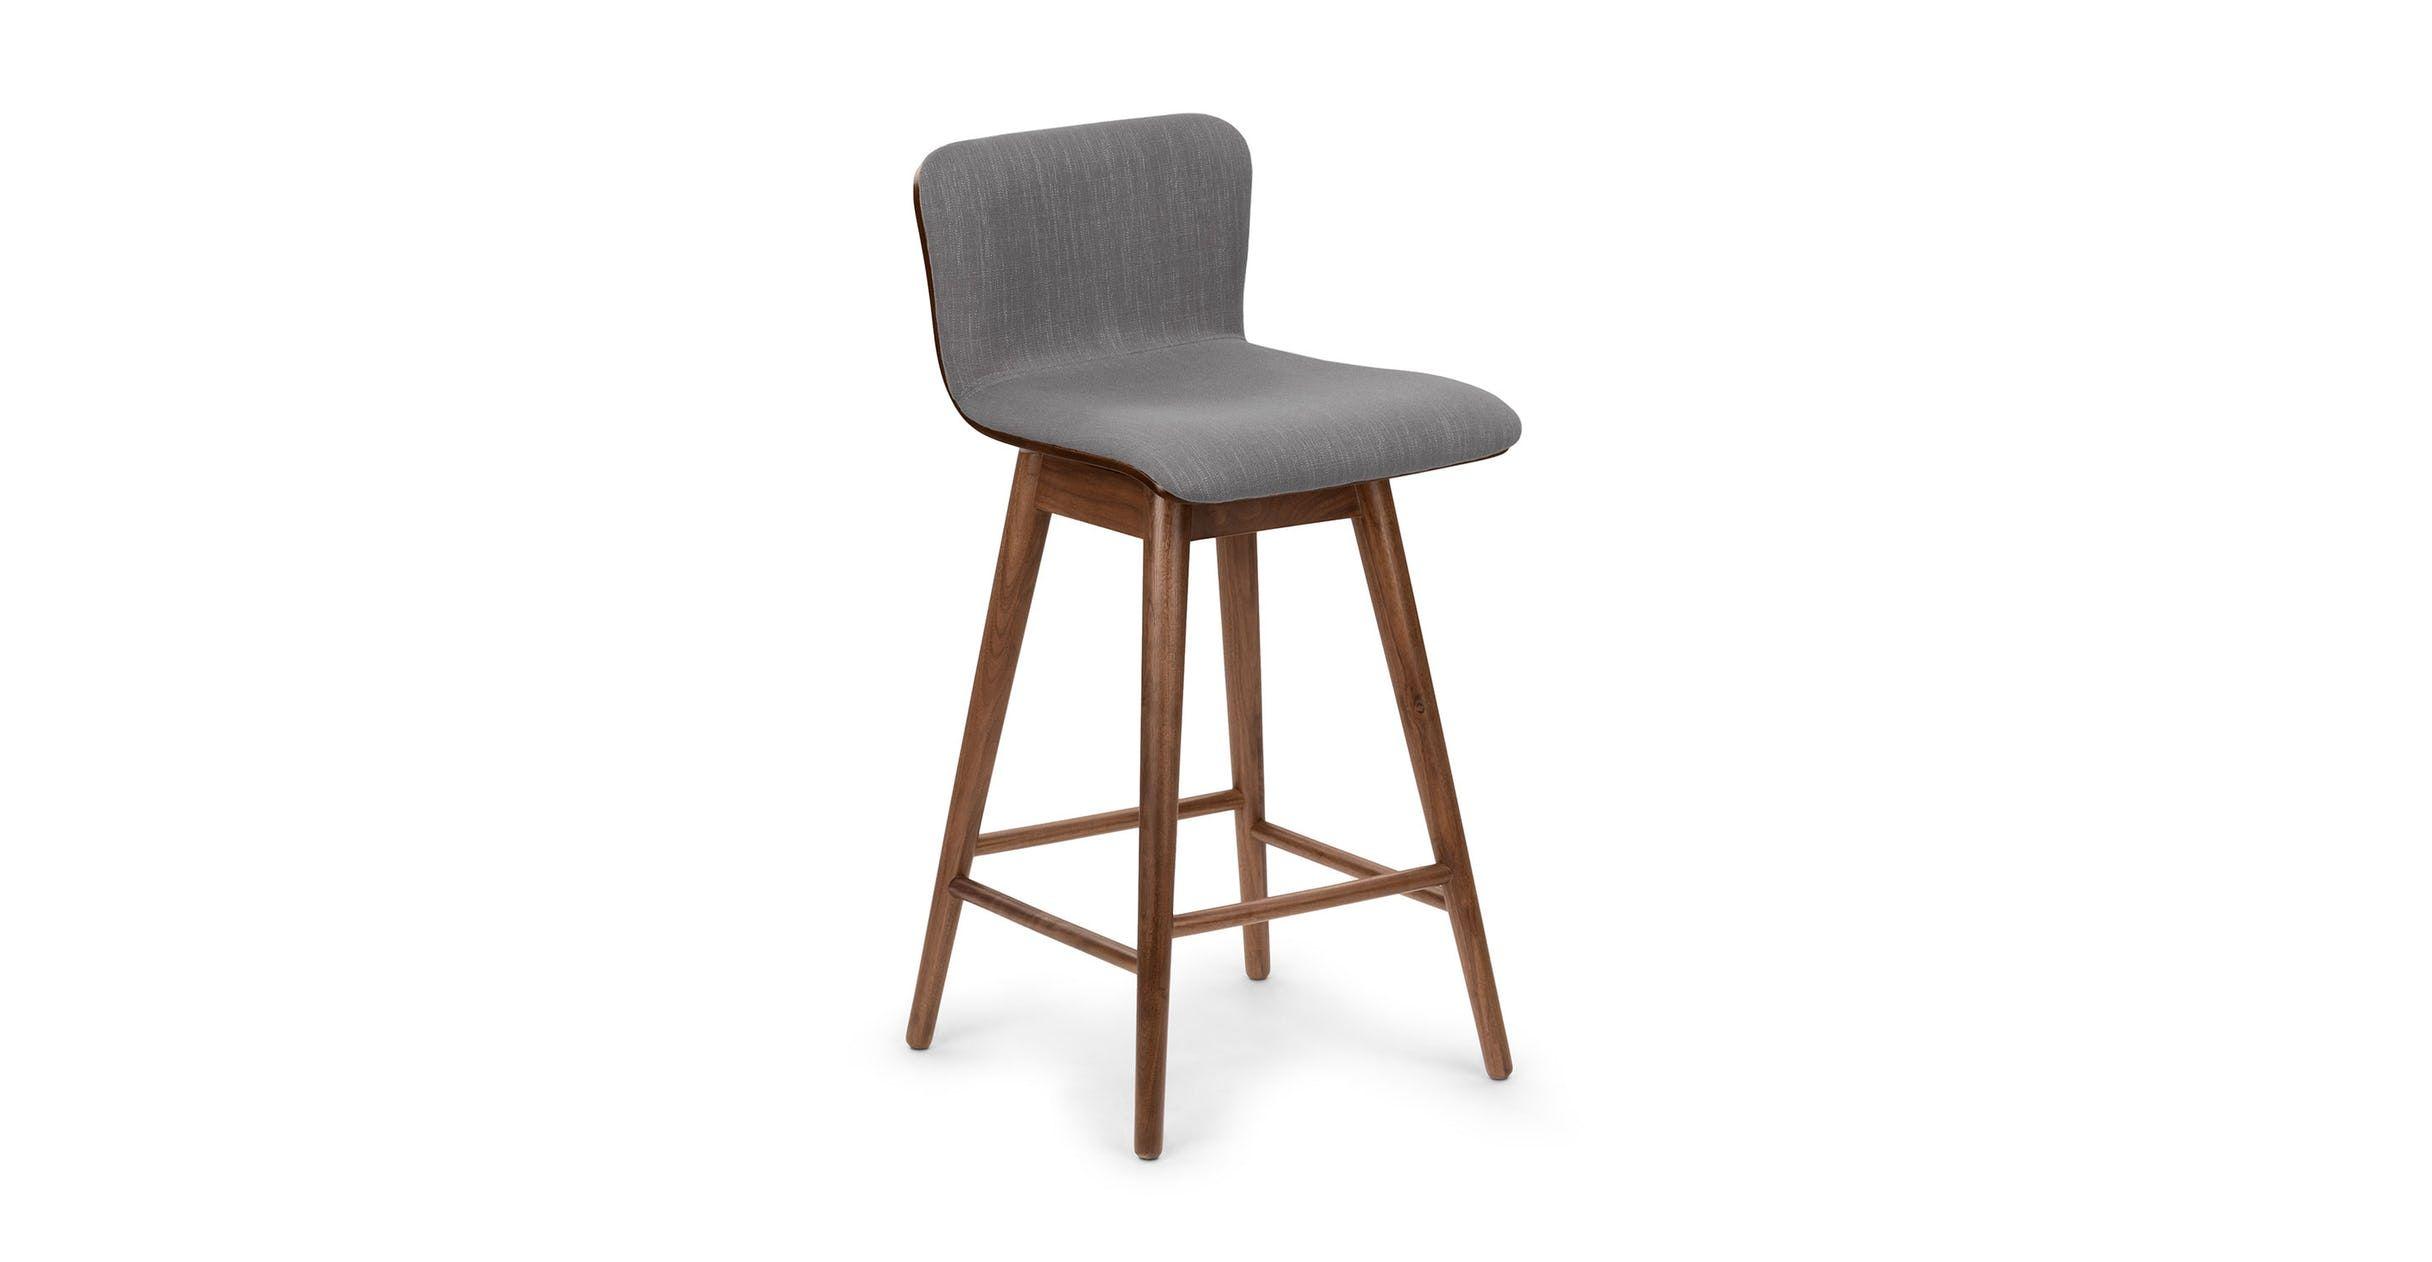 Astounding Sede Thunder Gray Walnut Swivel Counter Stool In 2019 Short Links Chair Design For Home Short Linksinfo